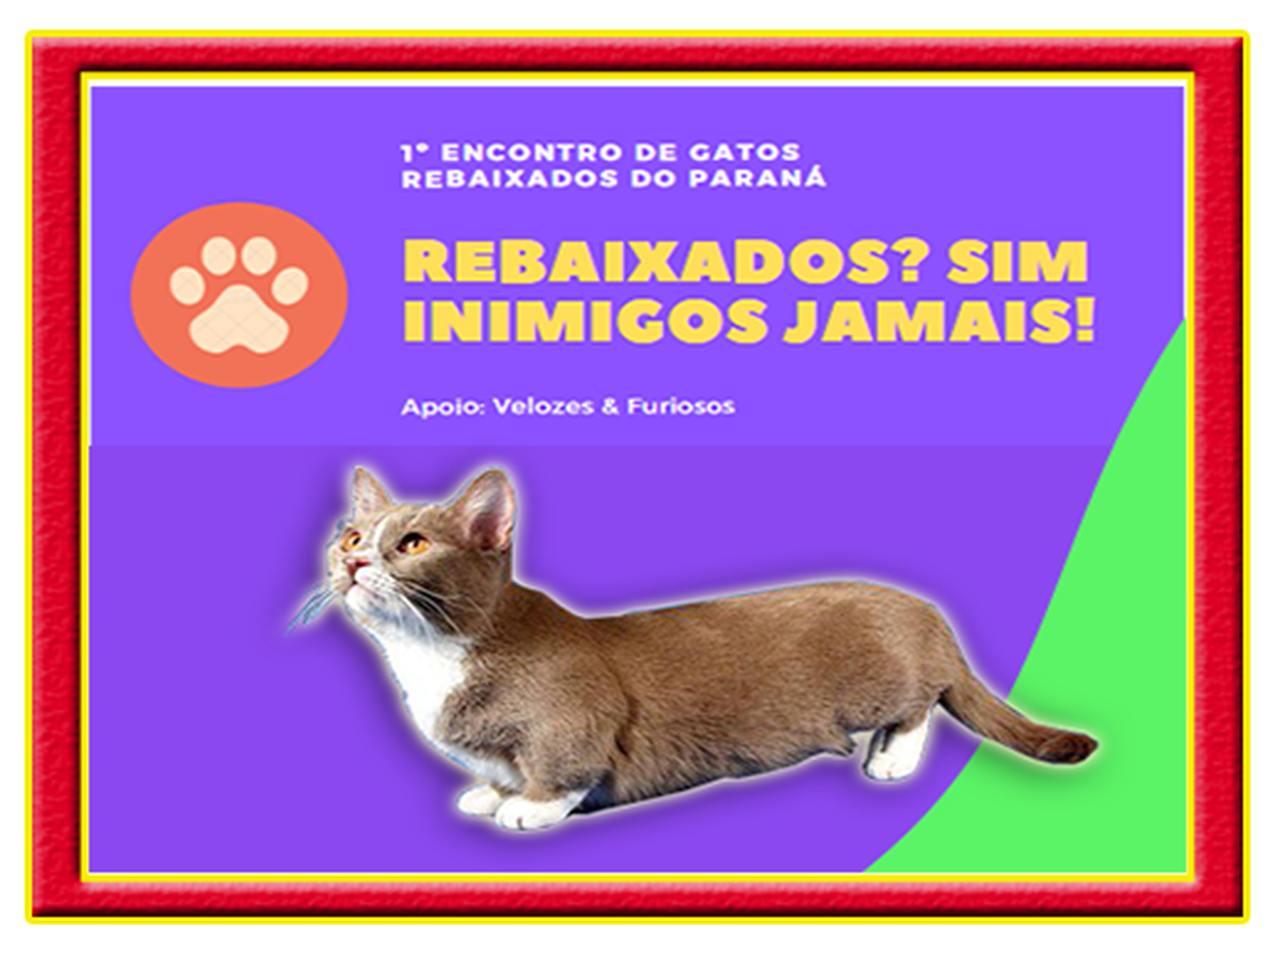 Curitiba recebe primeiro encontro de Gatos Rebaixados